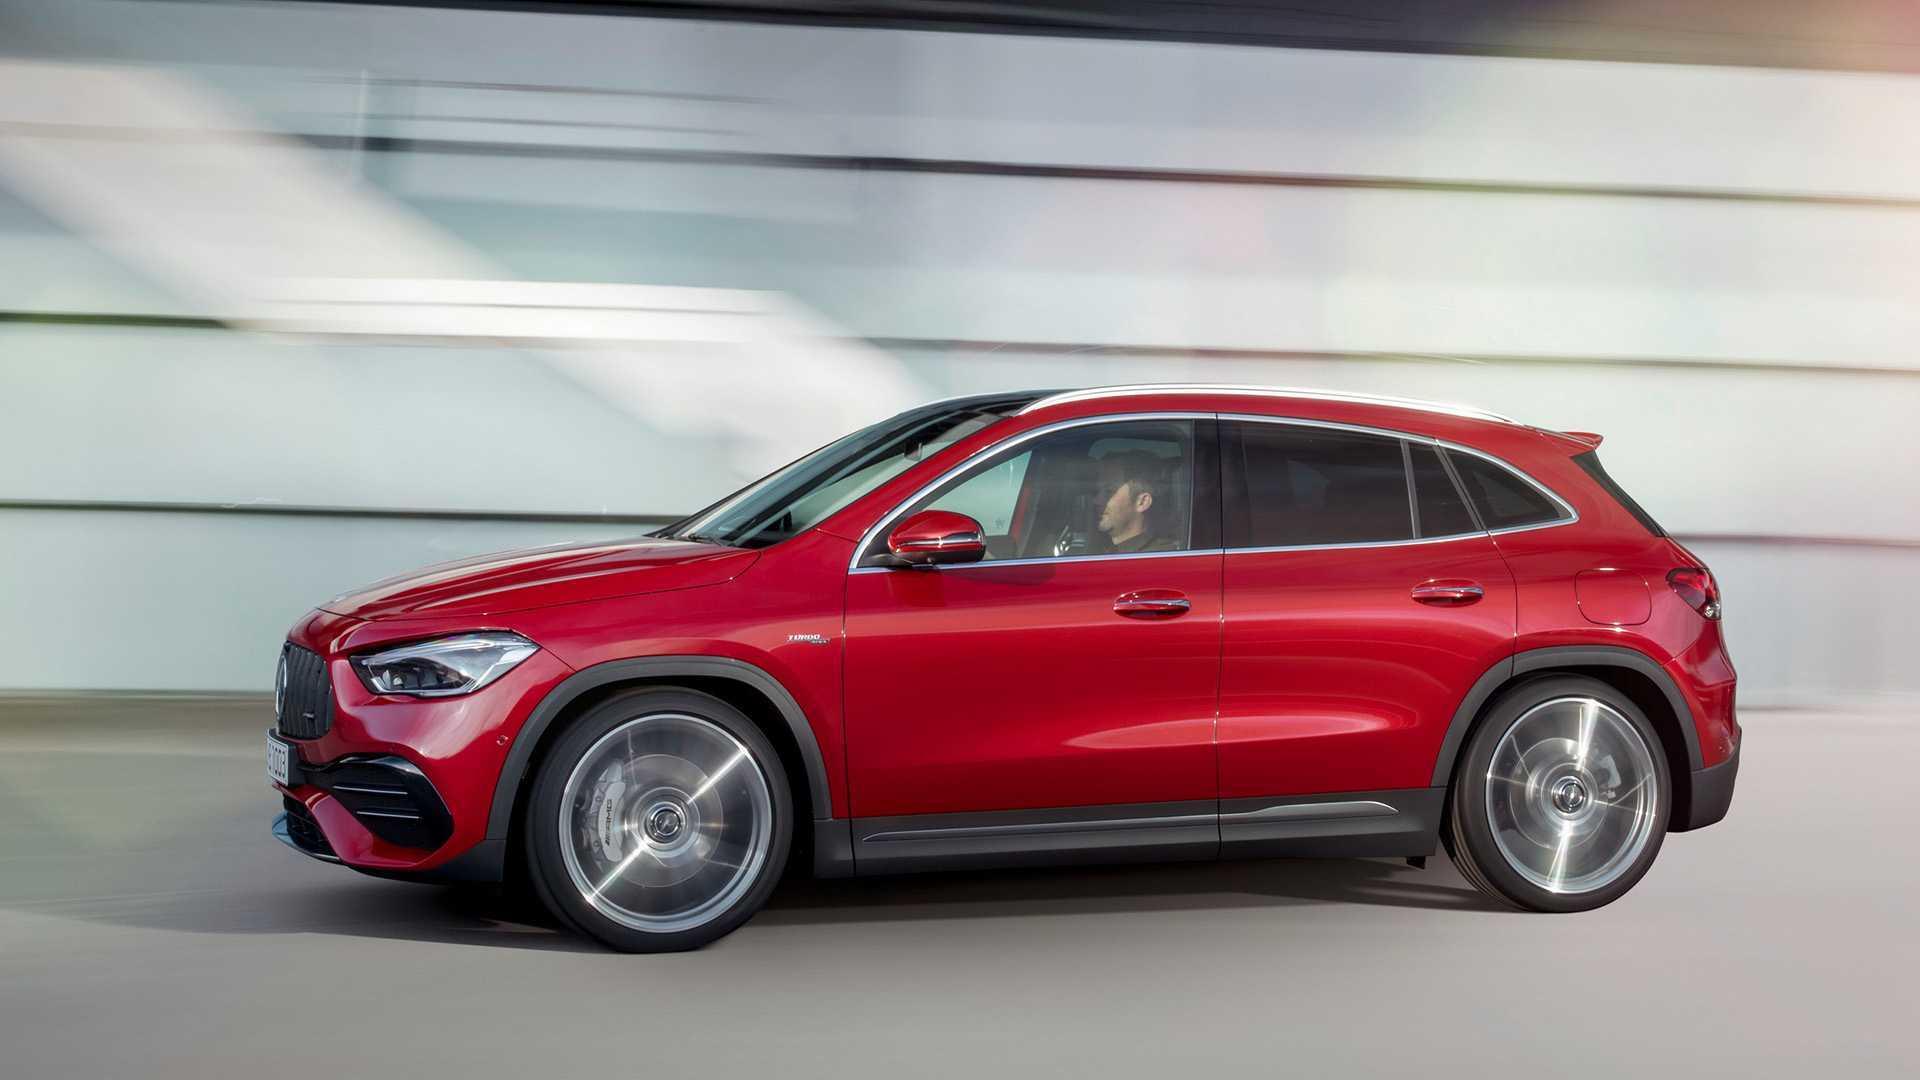 Mercedes Benz Gla 2021 Perde Jeito De Hatch E Vira Ao Brasil Em 2020